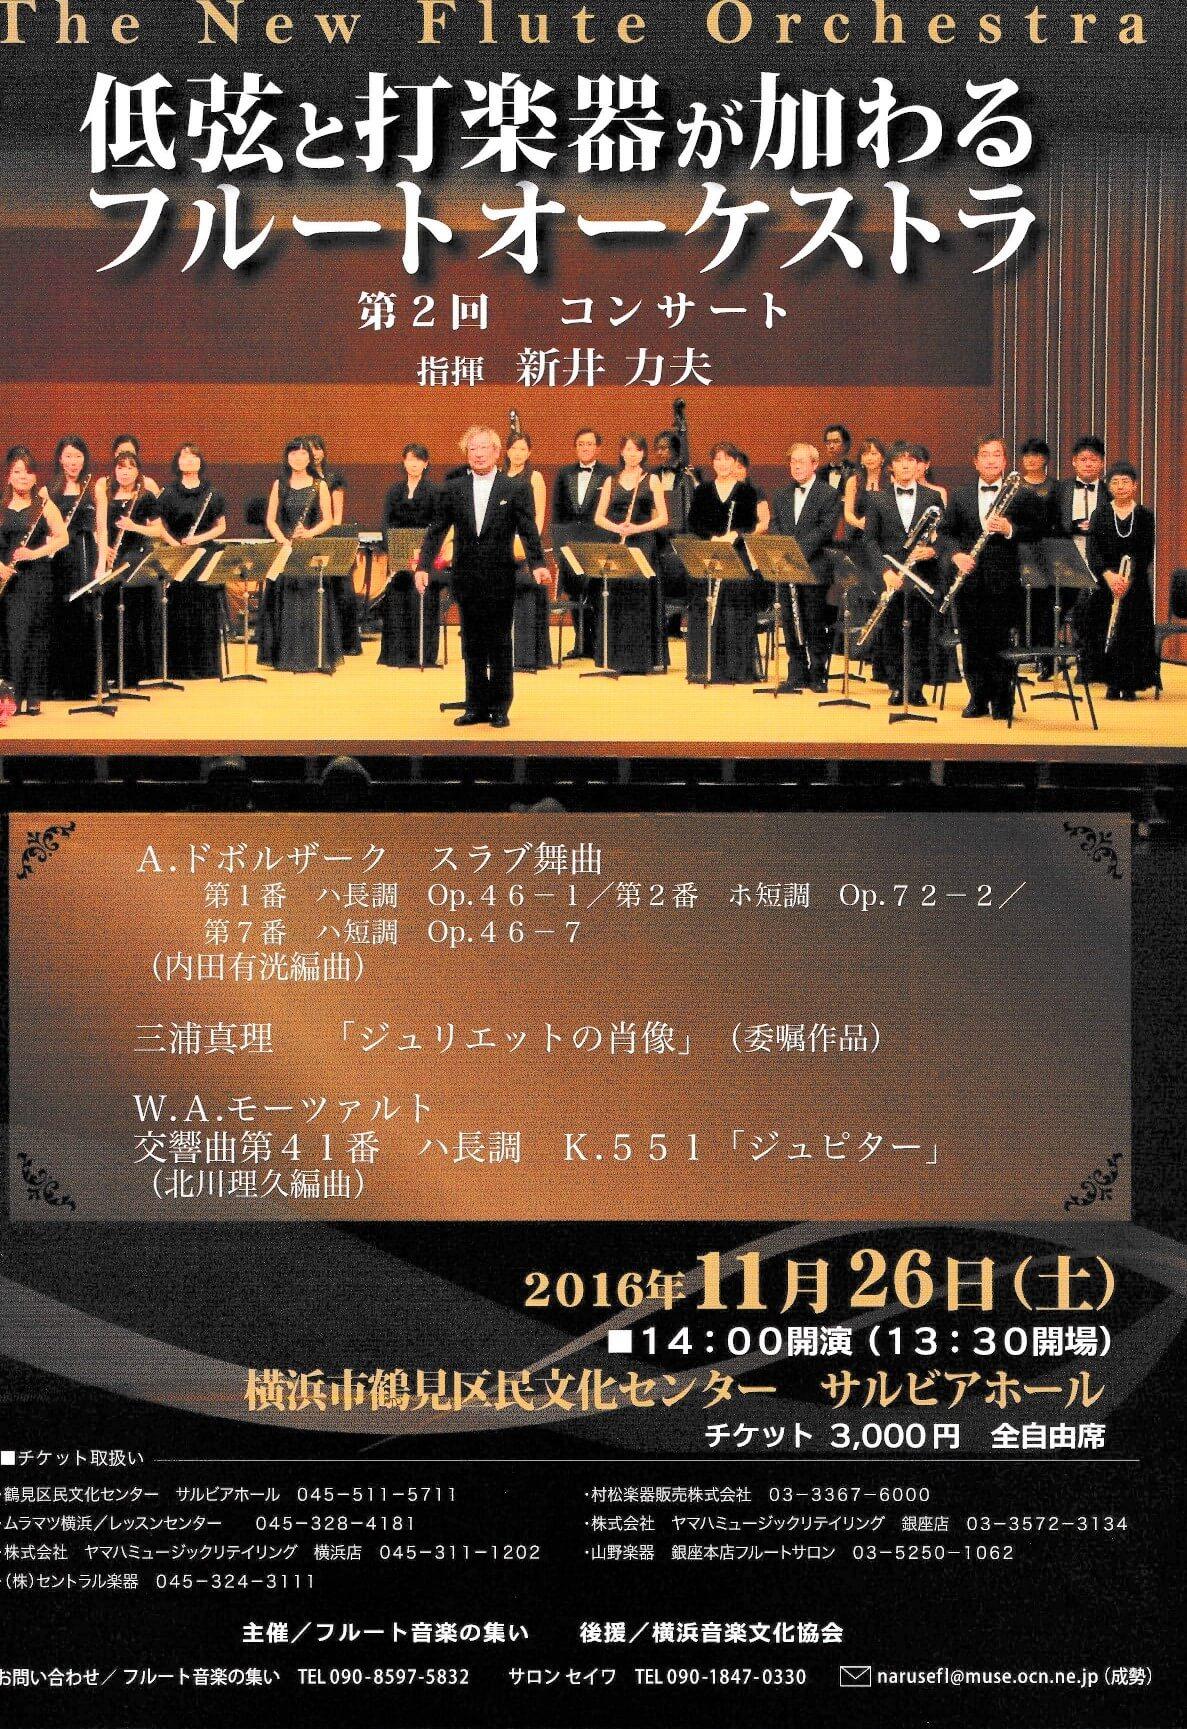 低弦と打楽器が加わるフルートオーケストラ